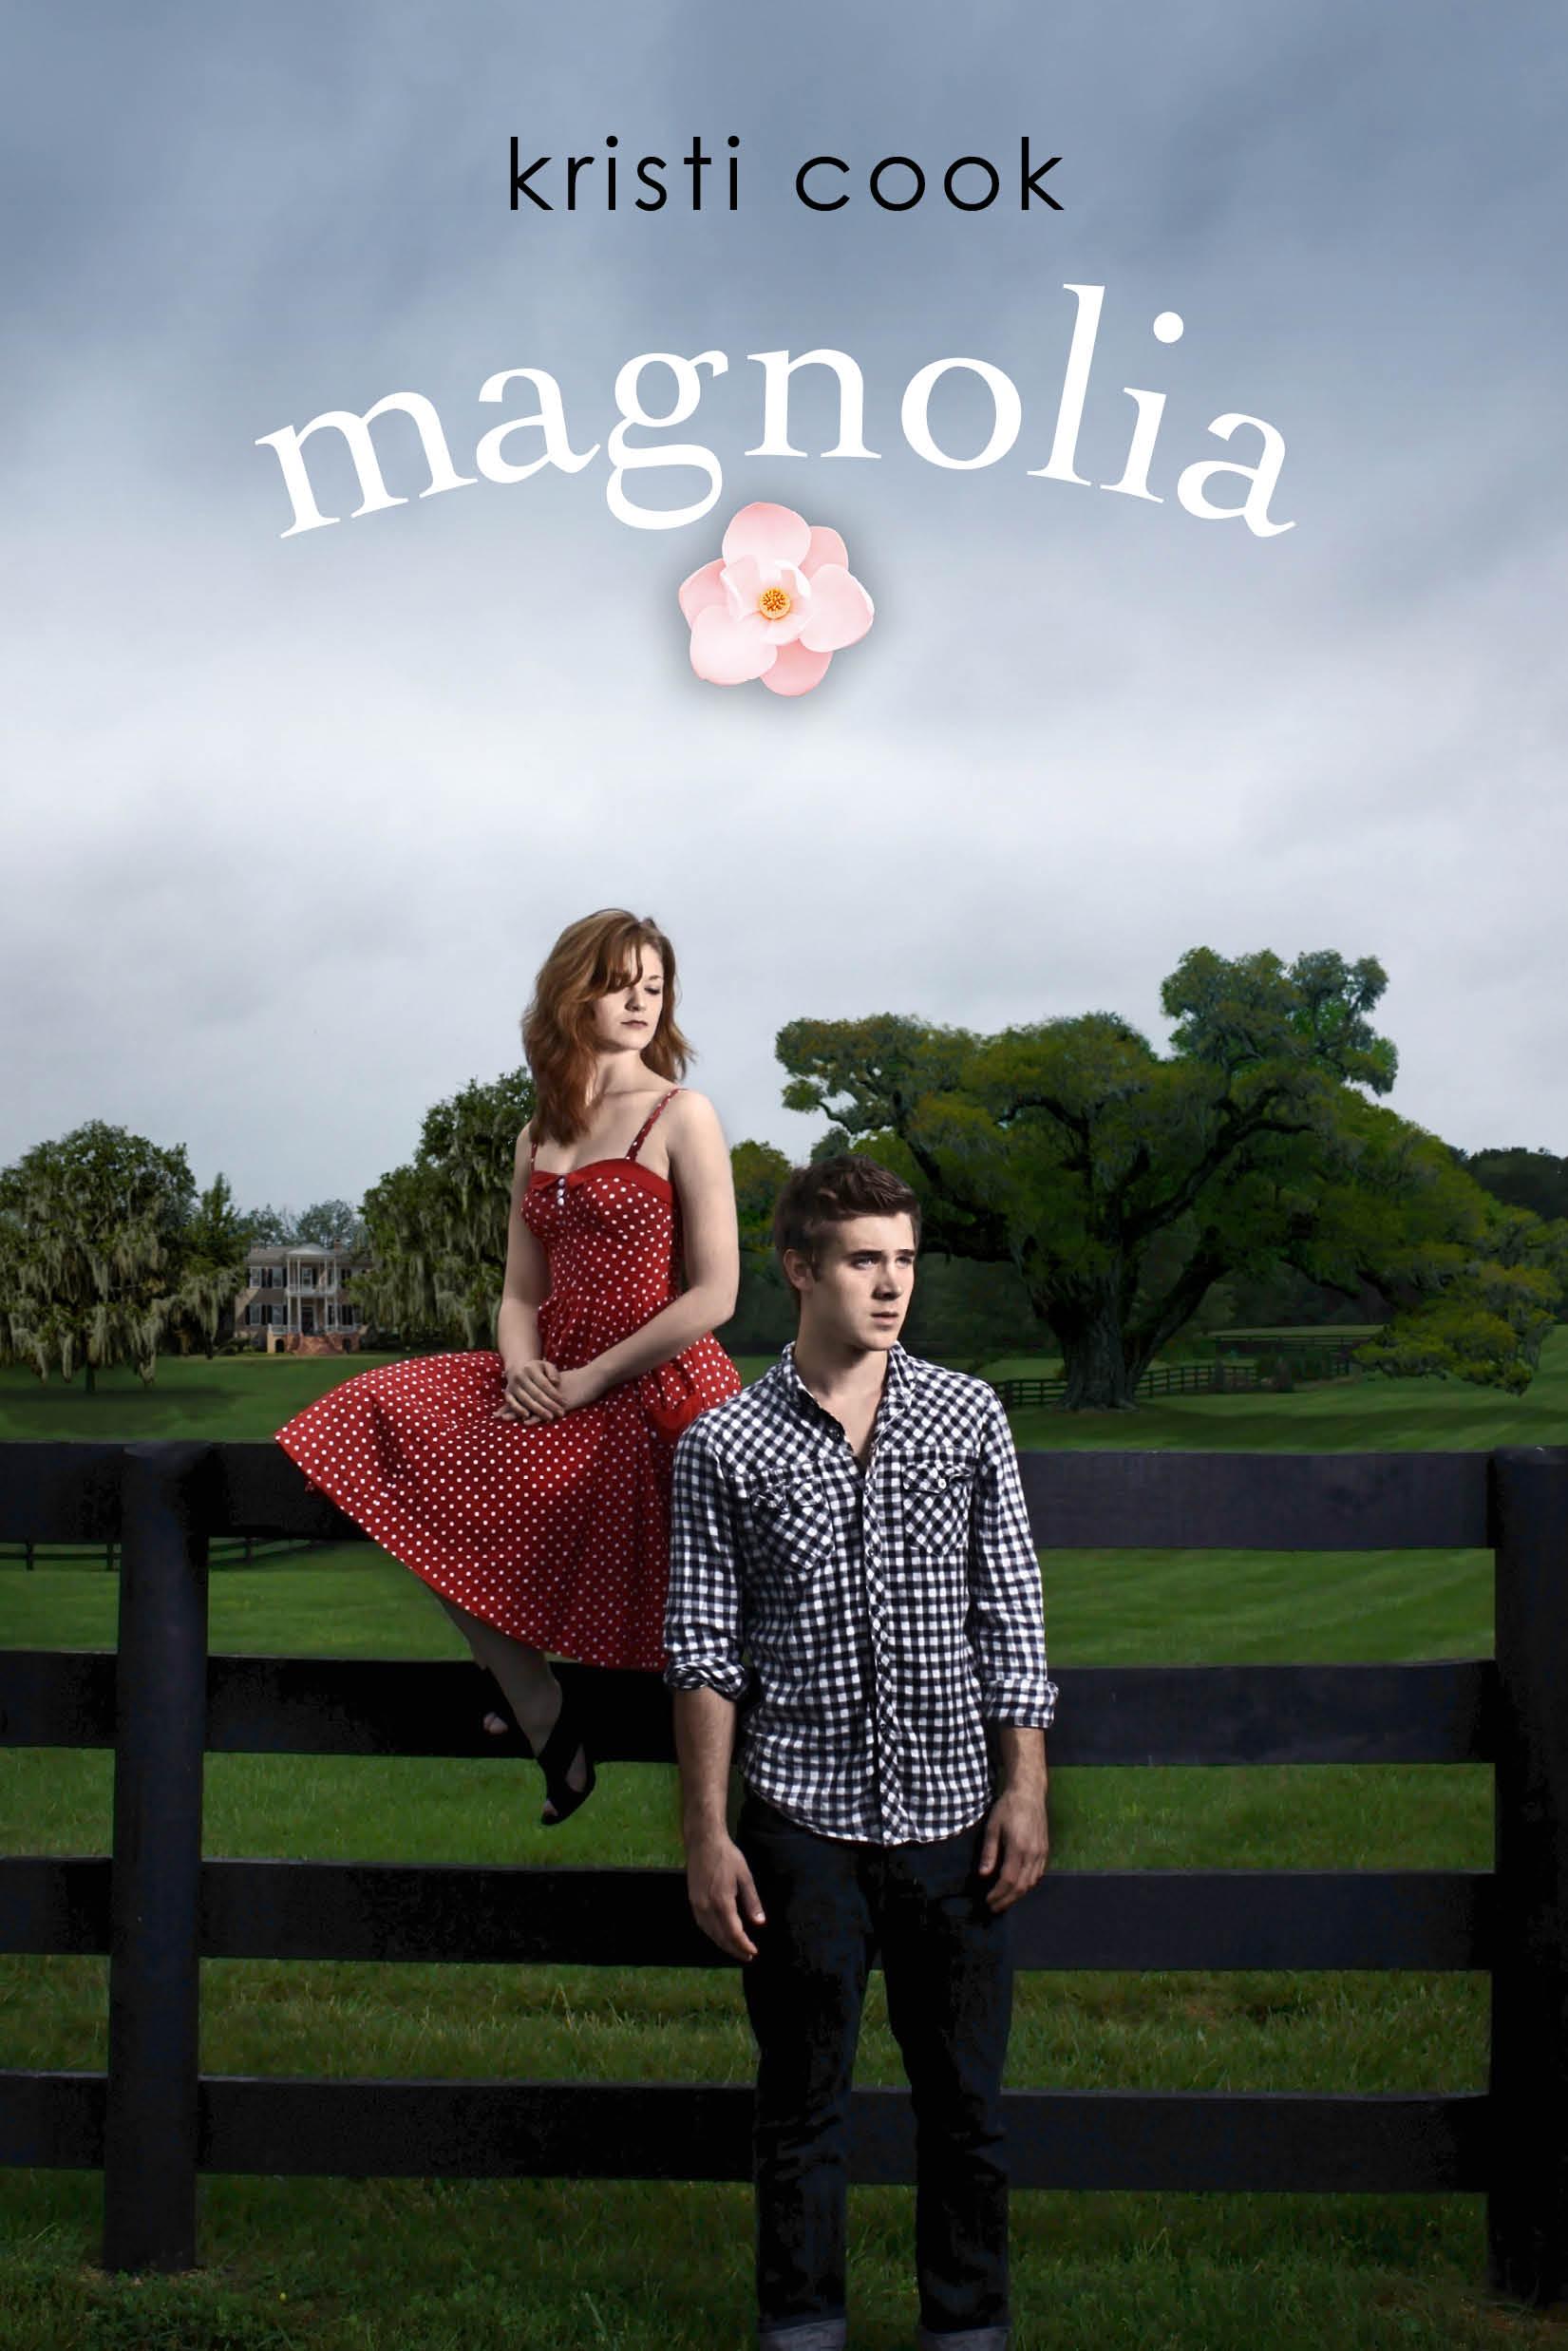 Magnolia 9781442485341 hr